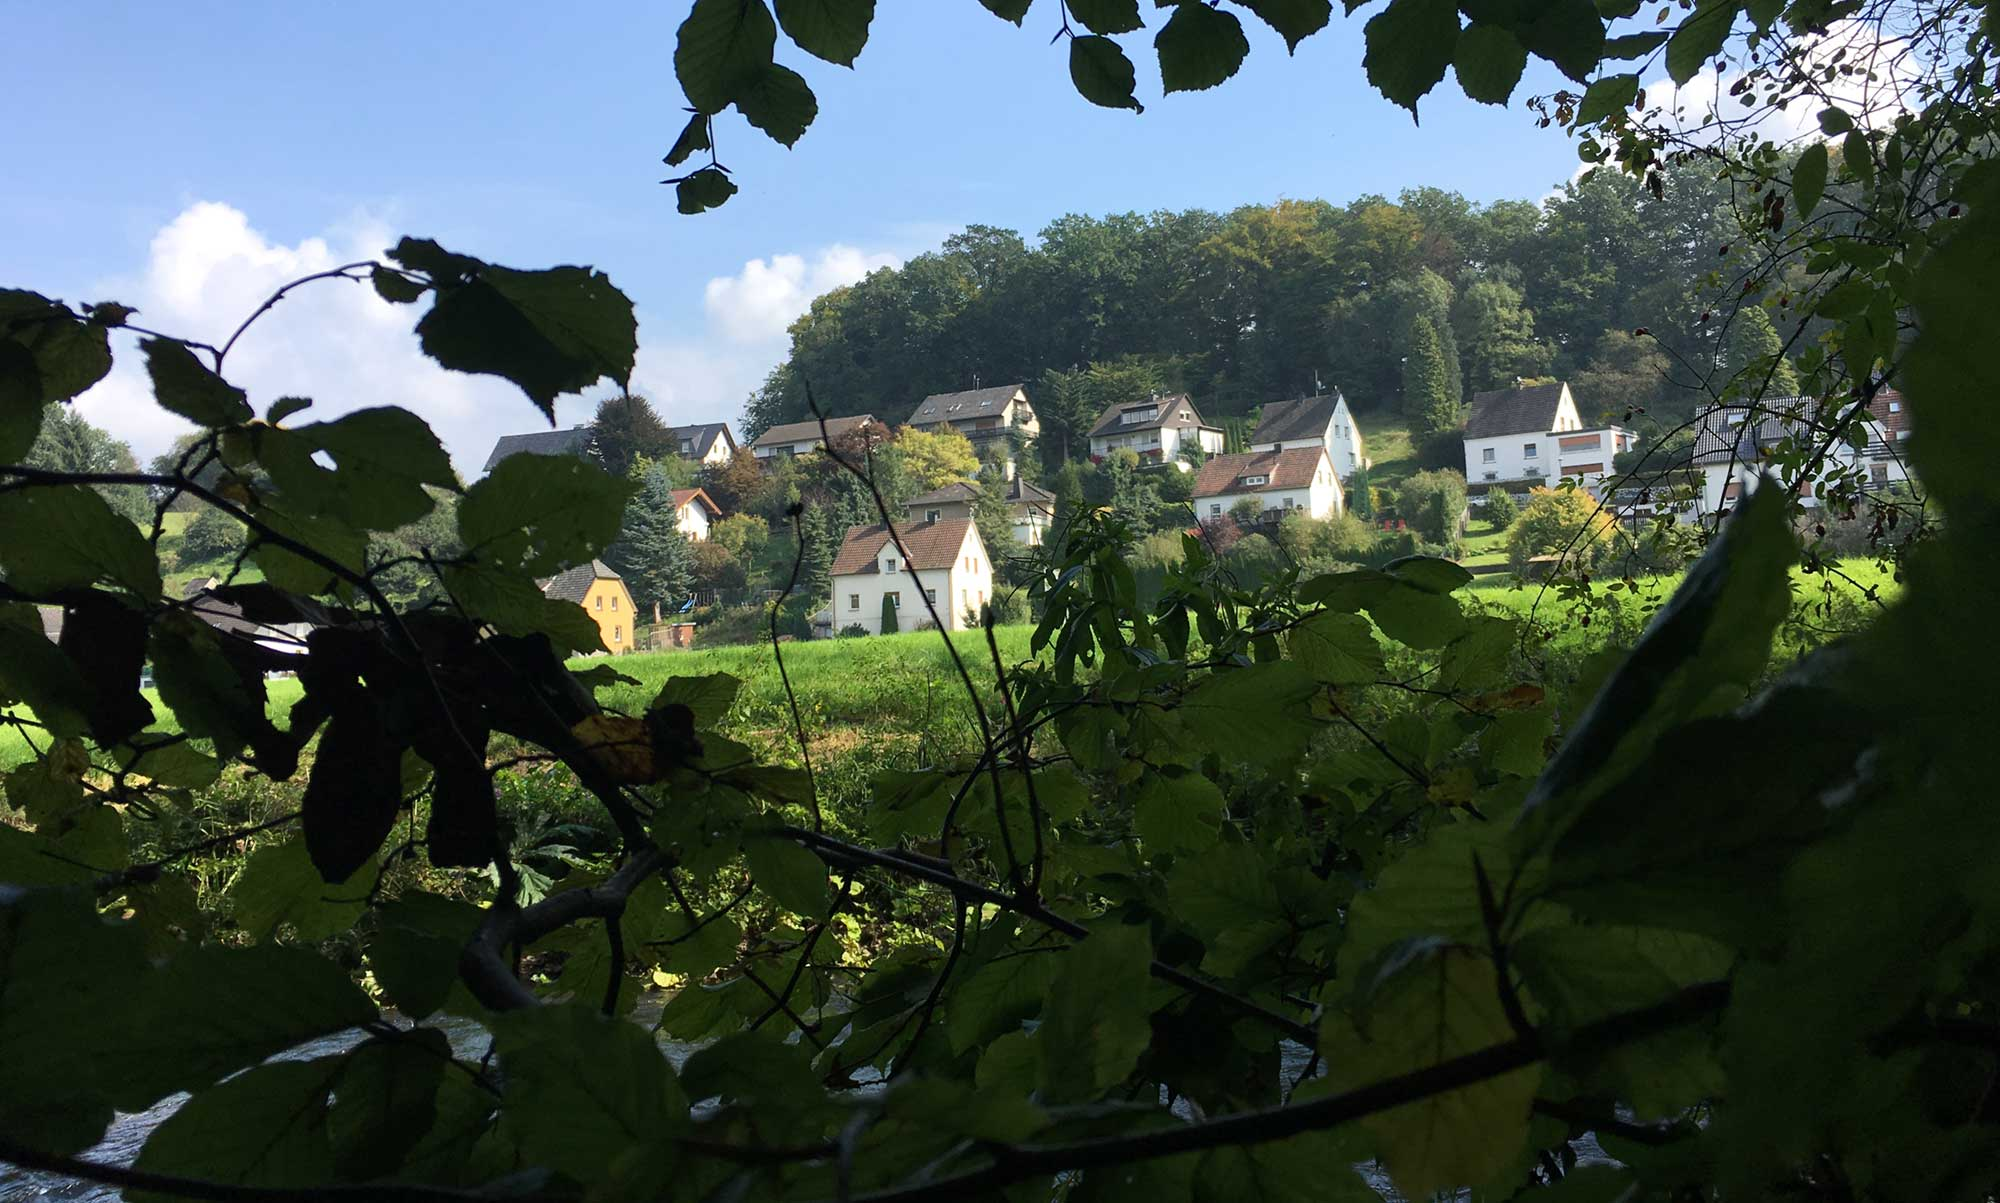 Volkringhausen